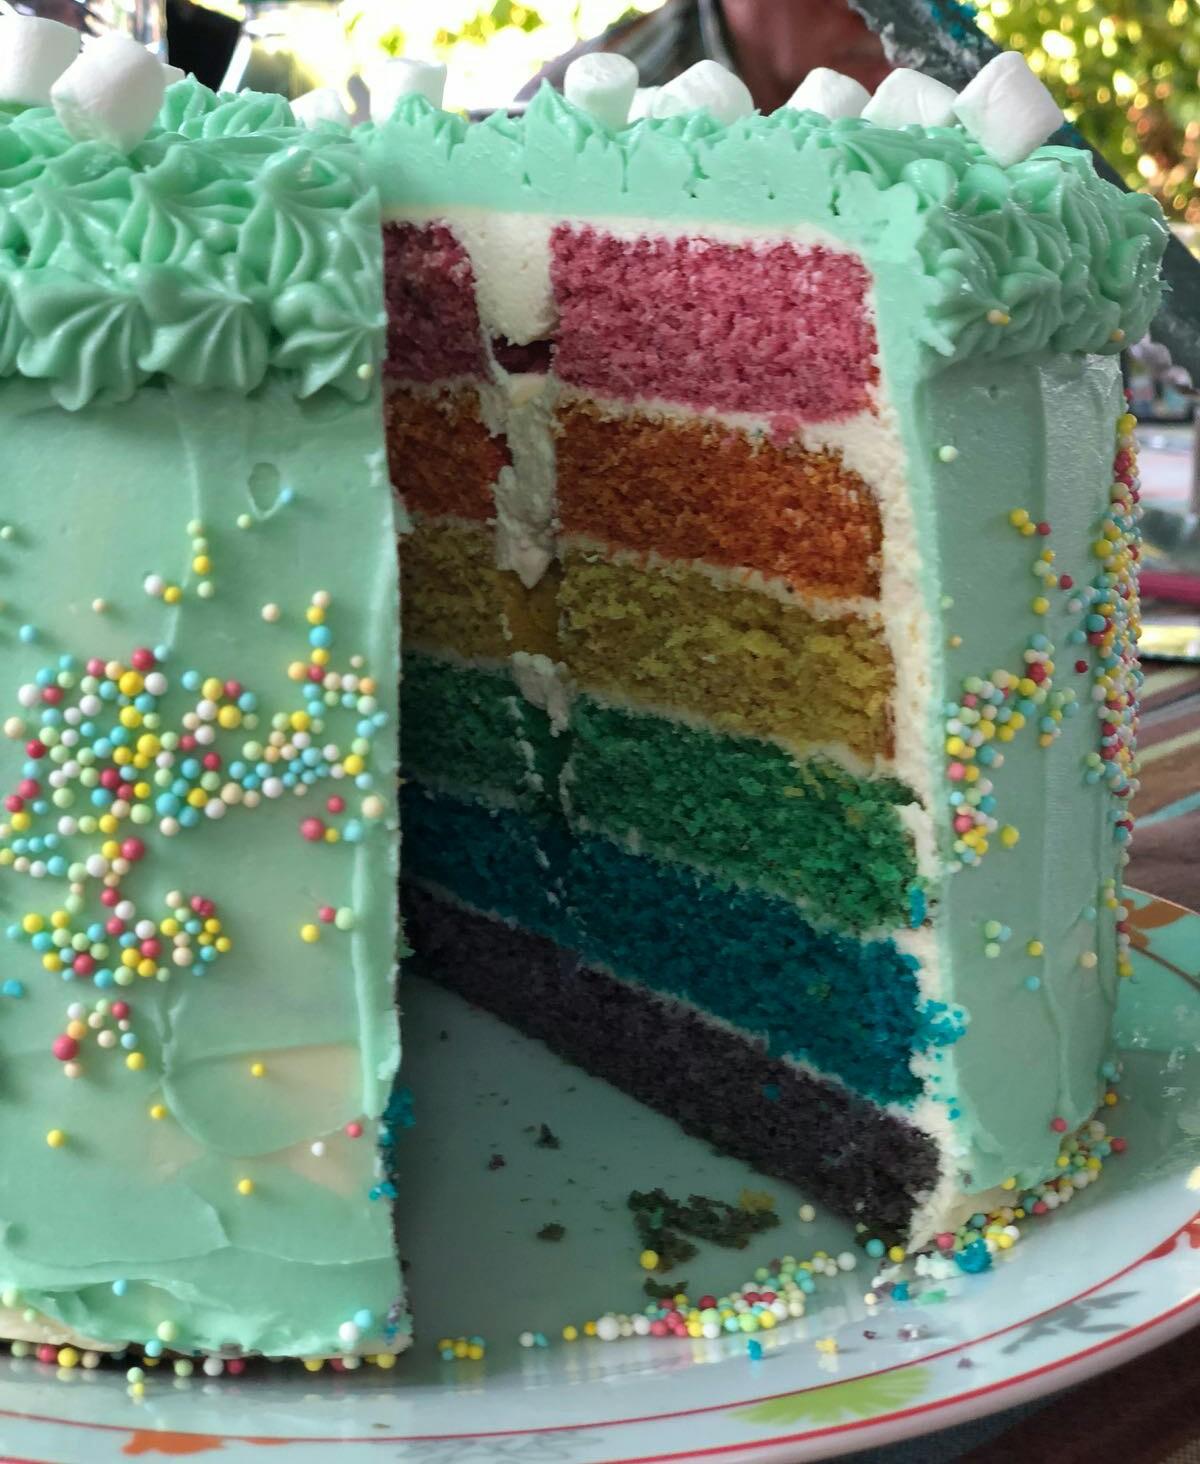 Recette Du Rainbow Cake Ou Gateau Arc En Ciel Facile Avec Herve Cuisine